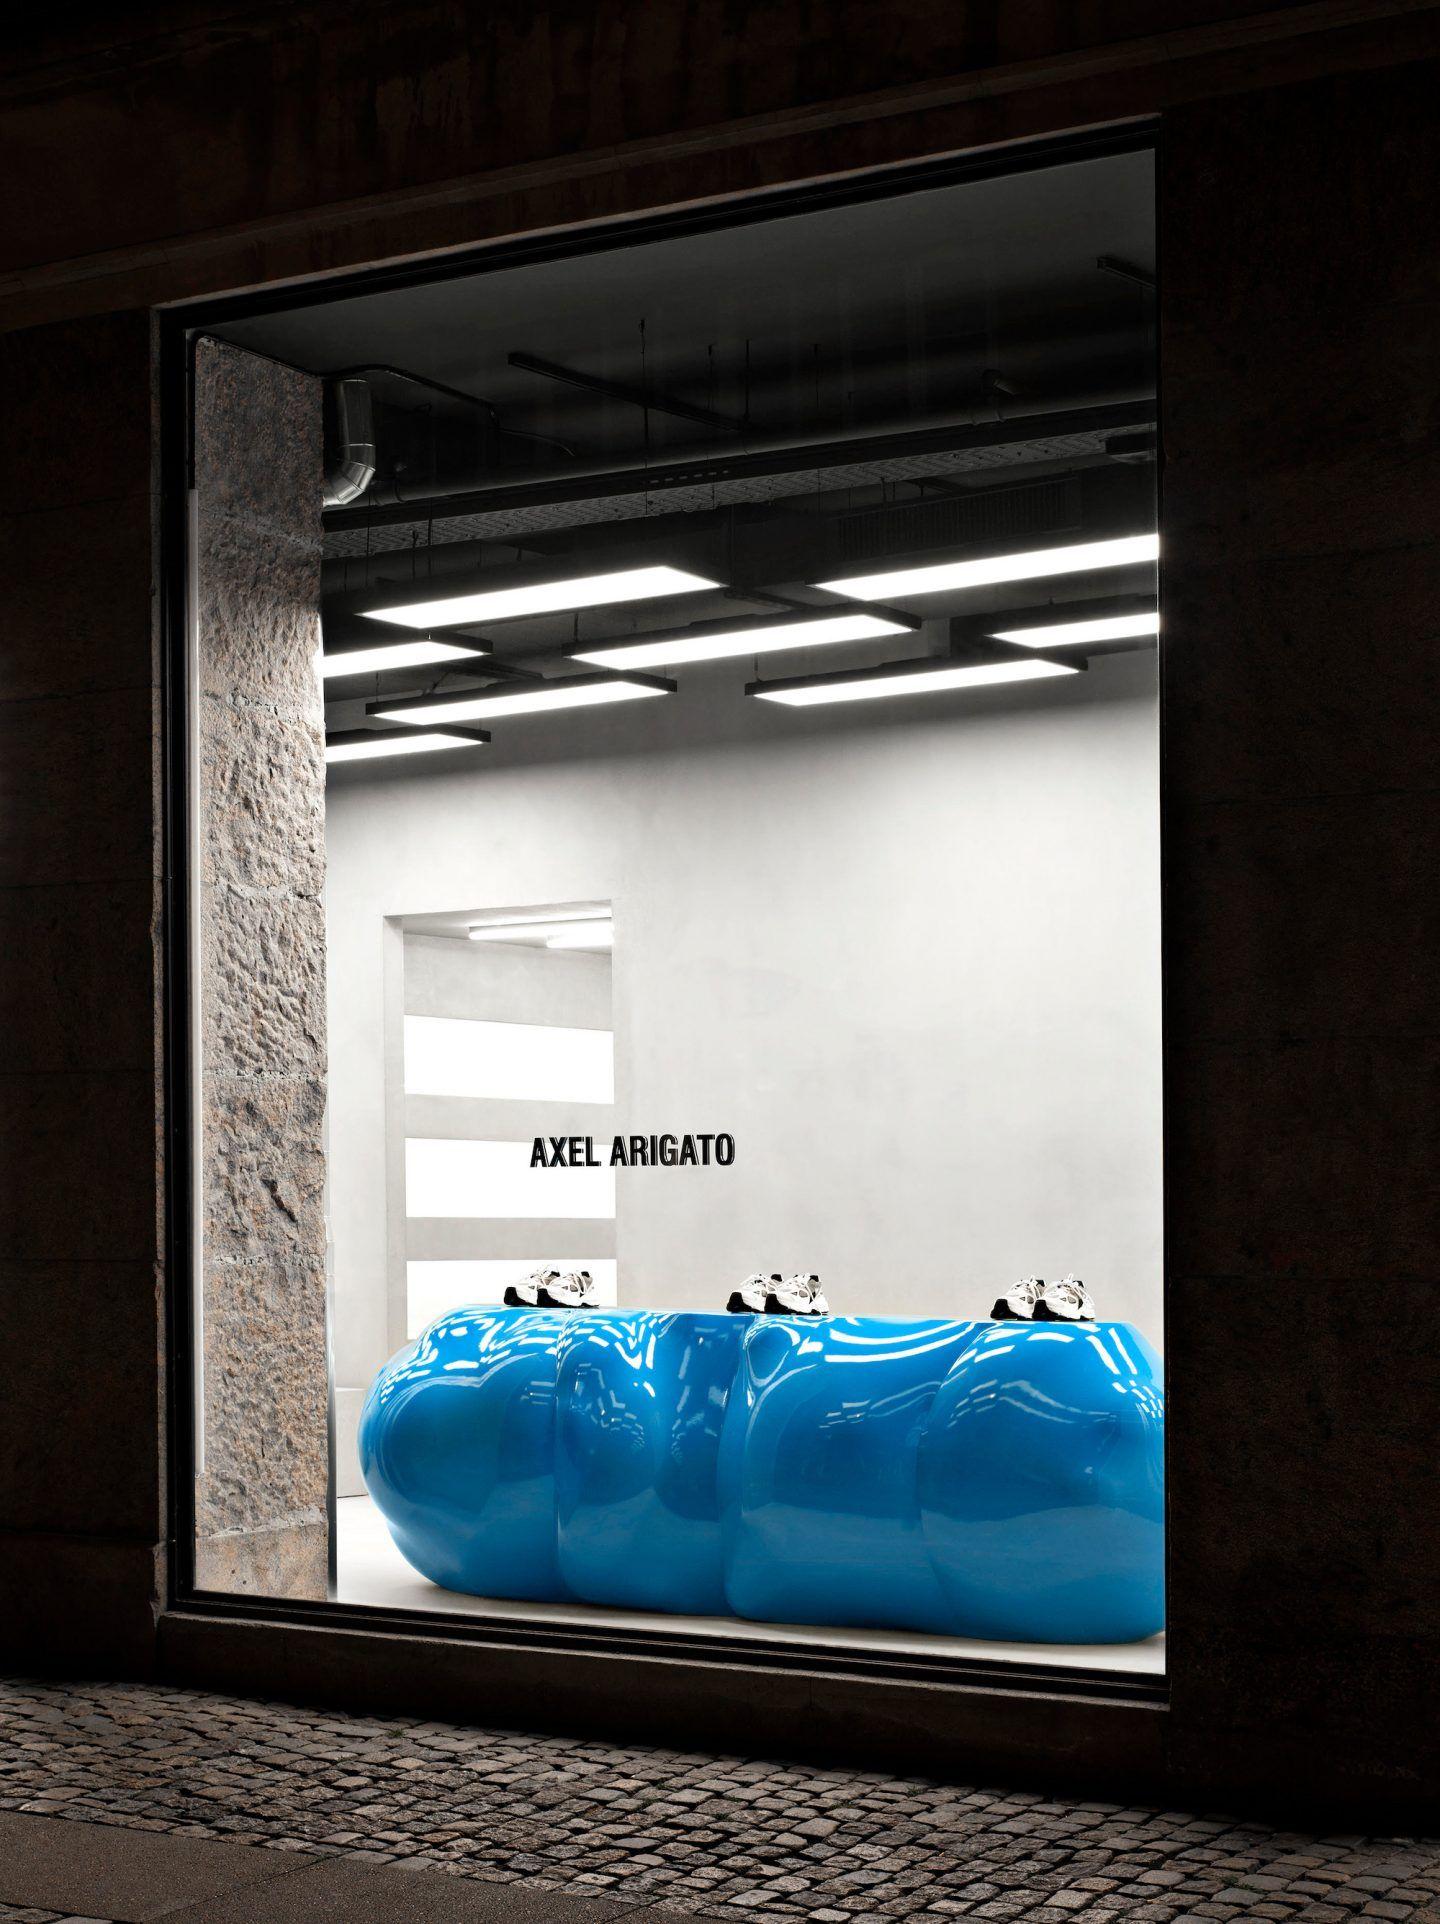 IGNANT-Design-Axel-Arigato-003